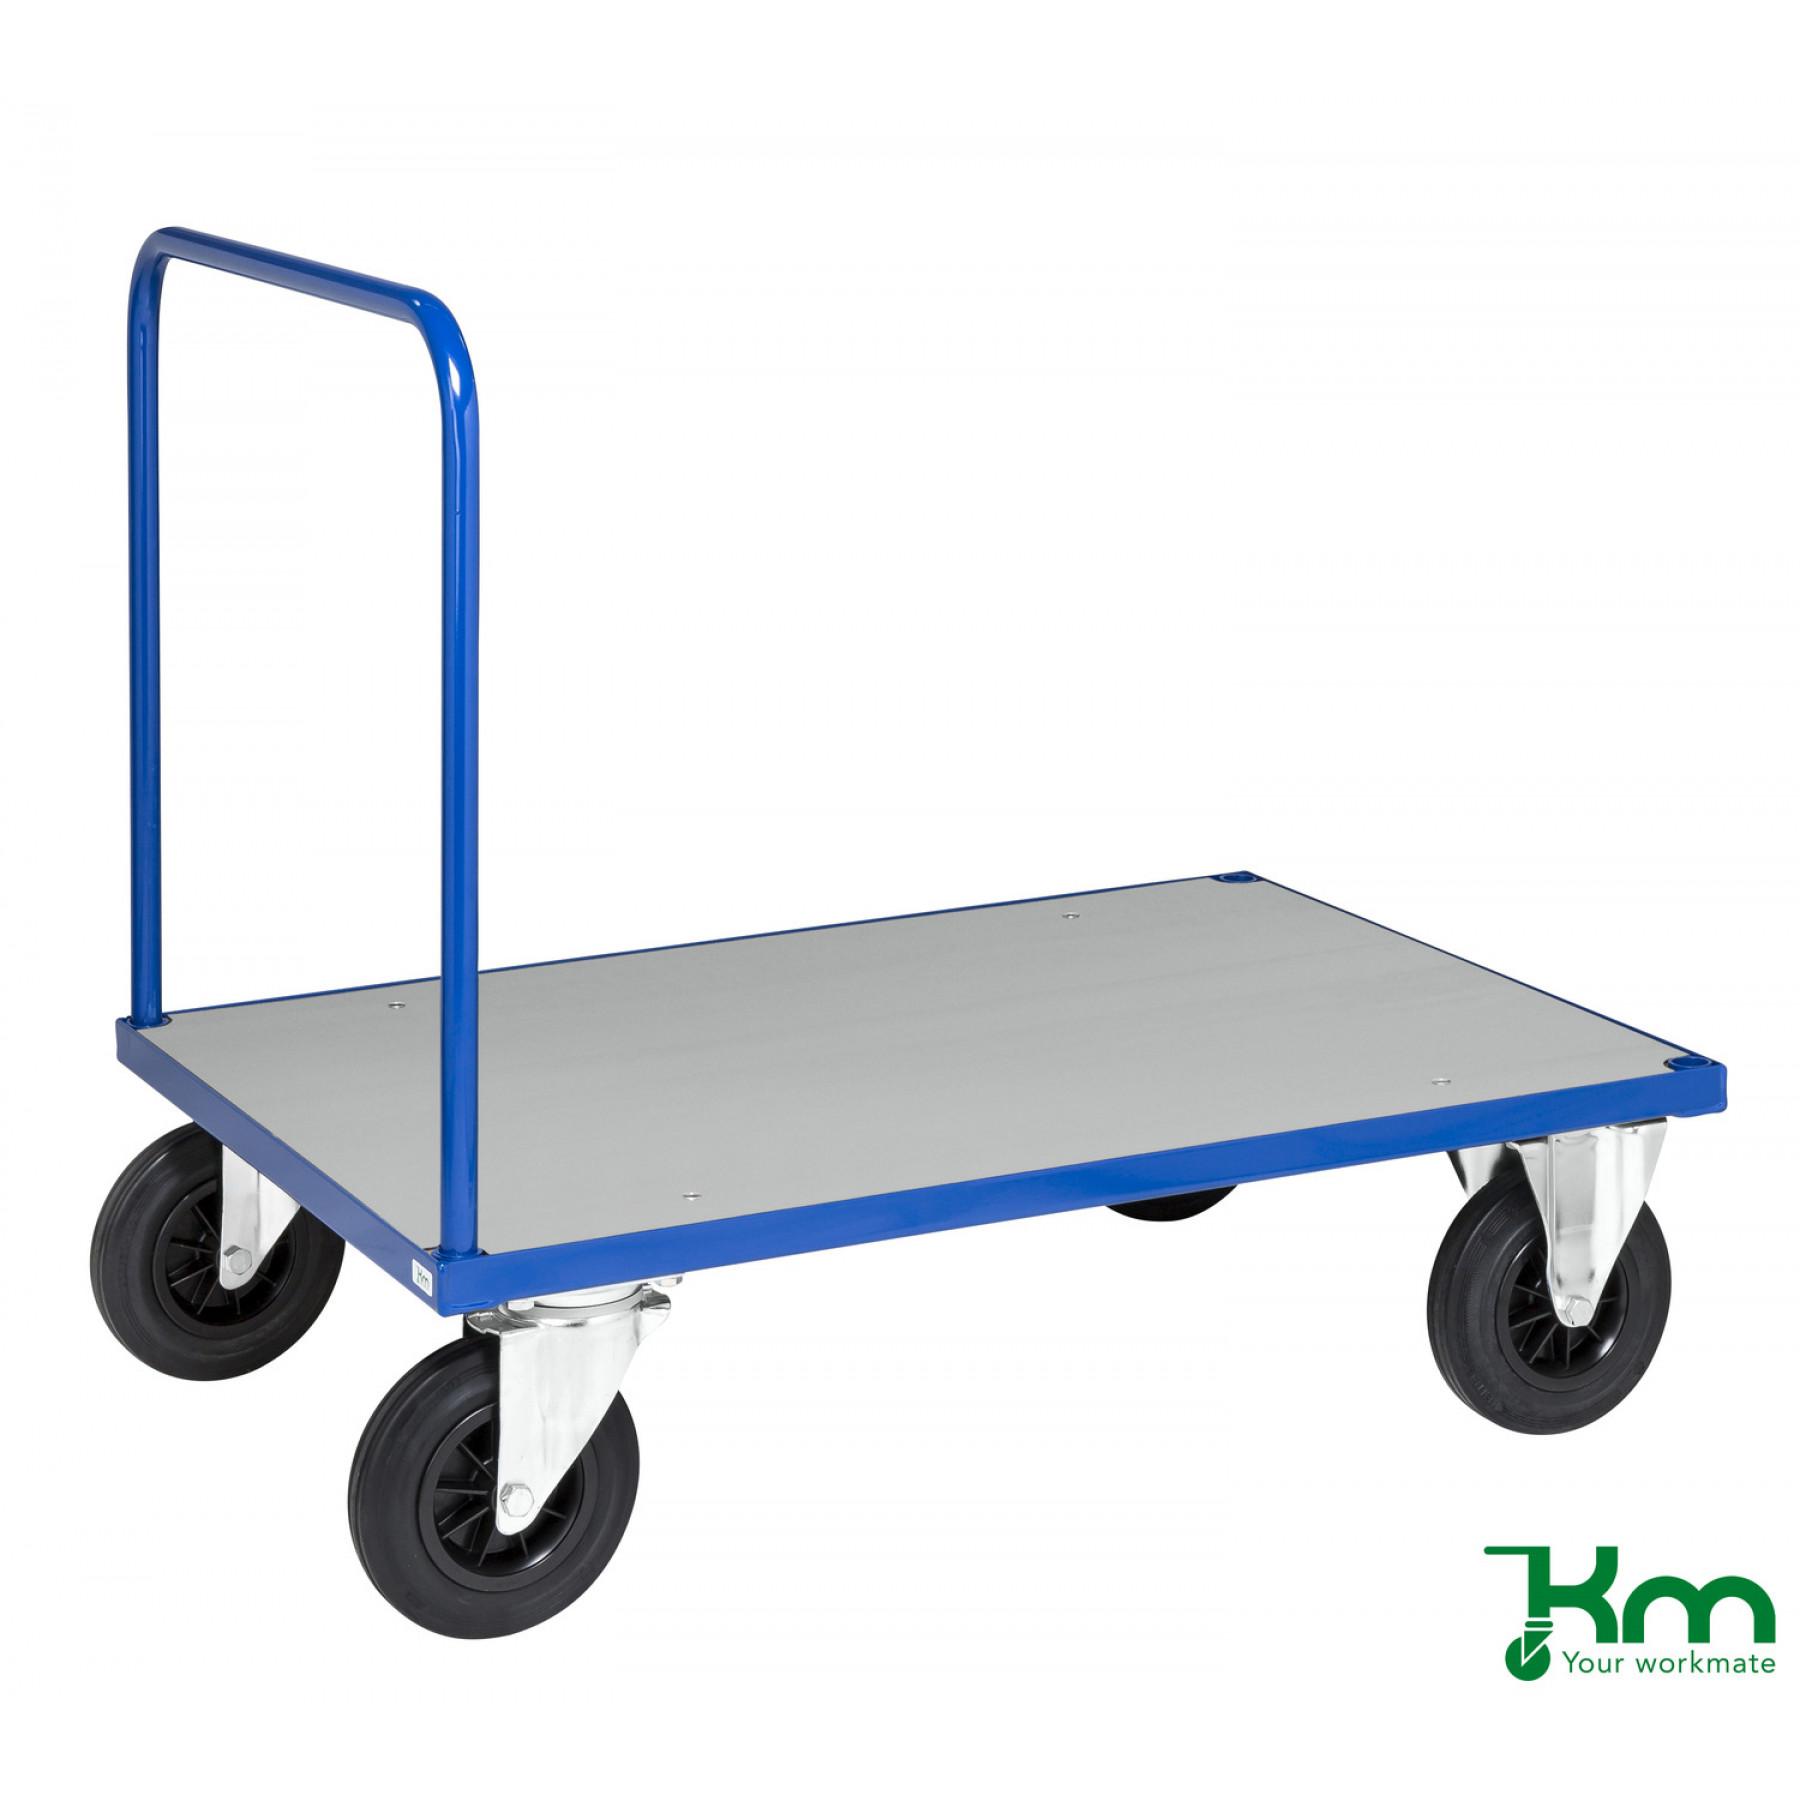 Duwwagen met staalverzinkte laadvloer